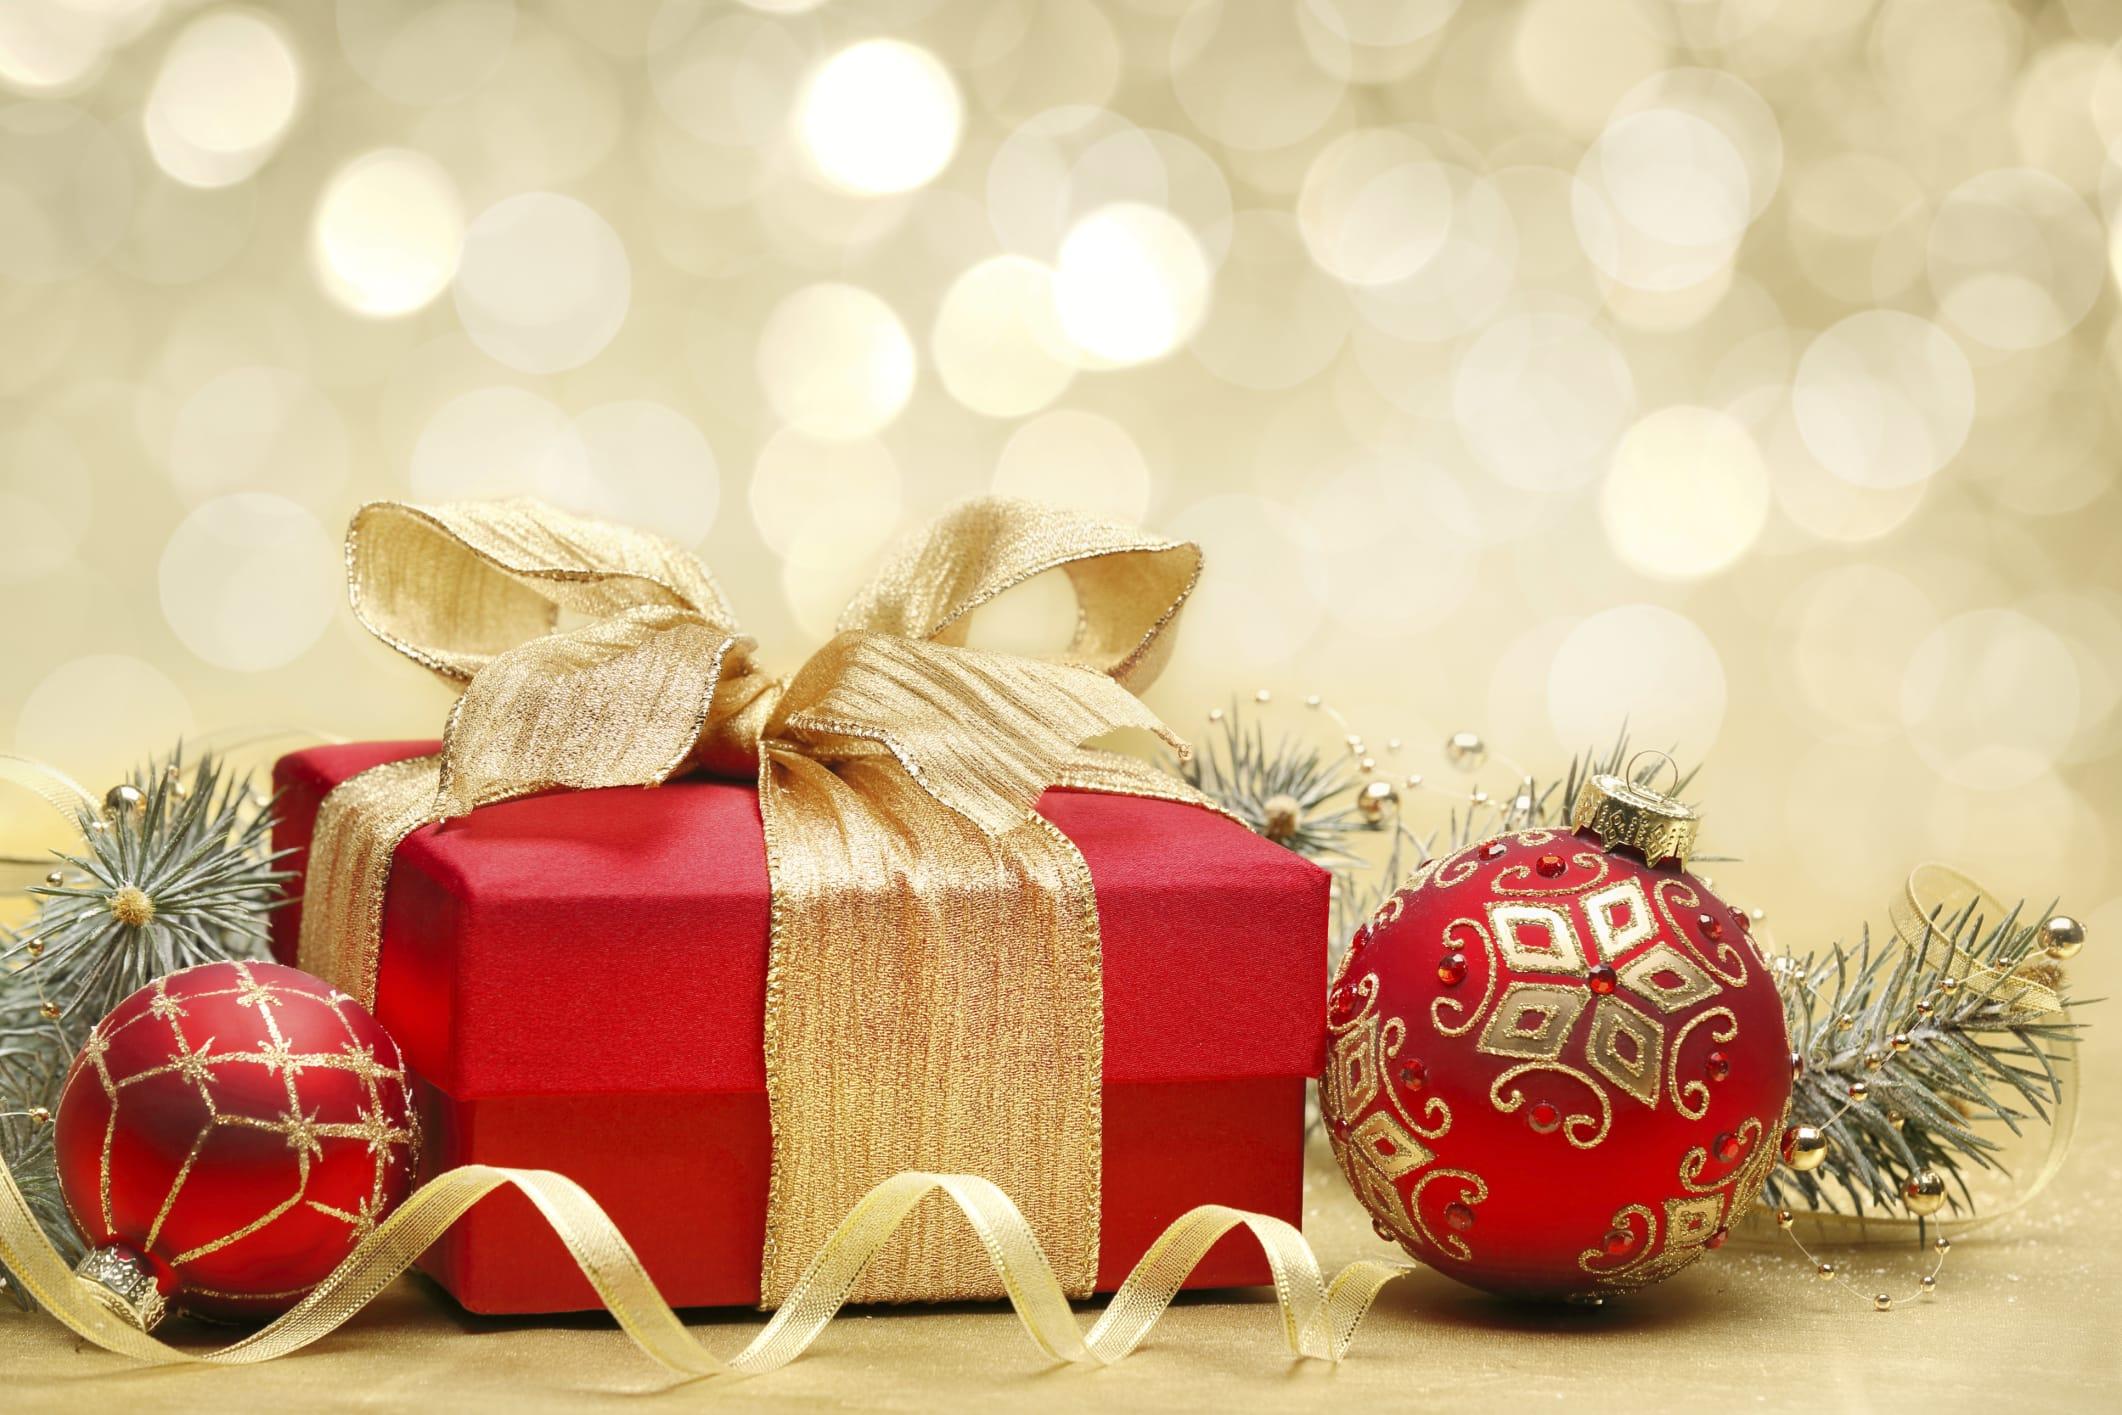 Come risparmiare sui regali di Natale - Non sprecare